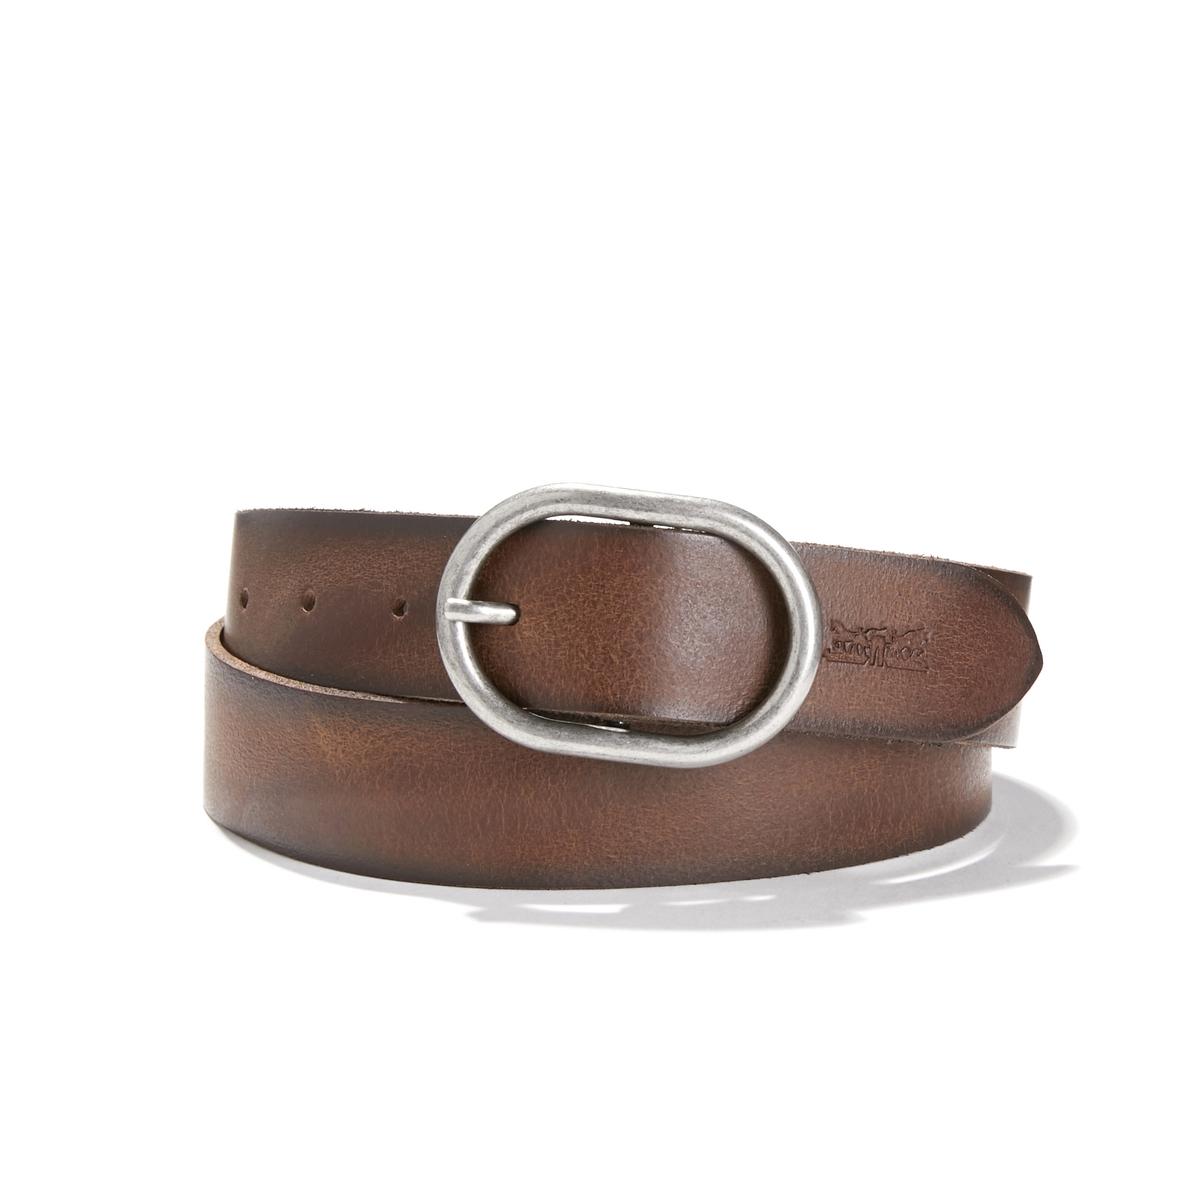 Cinturón de piel Calneva